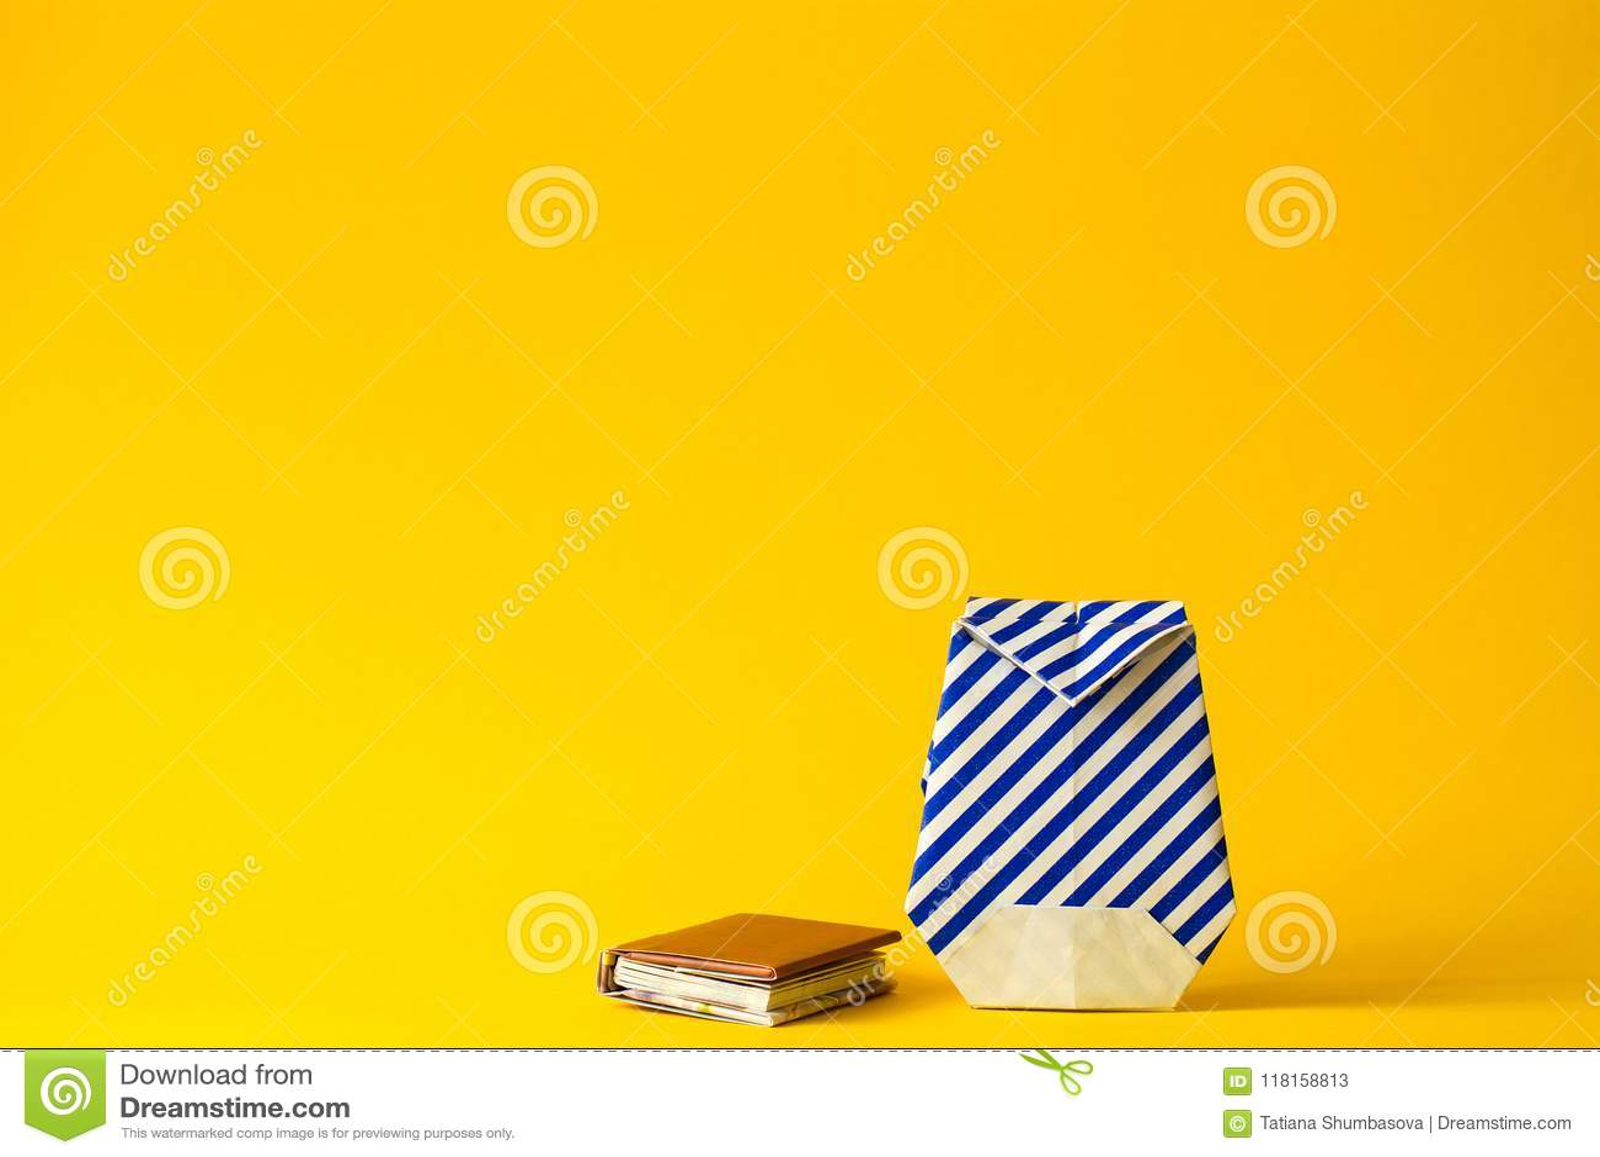 Back to School Origami sandwich pocket | Origami, Origami star ... | 957x1300